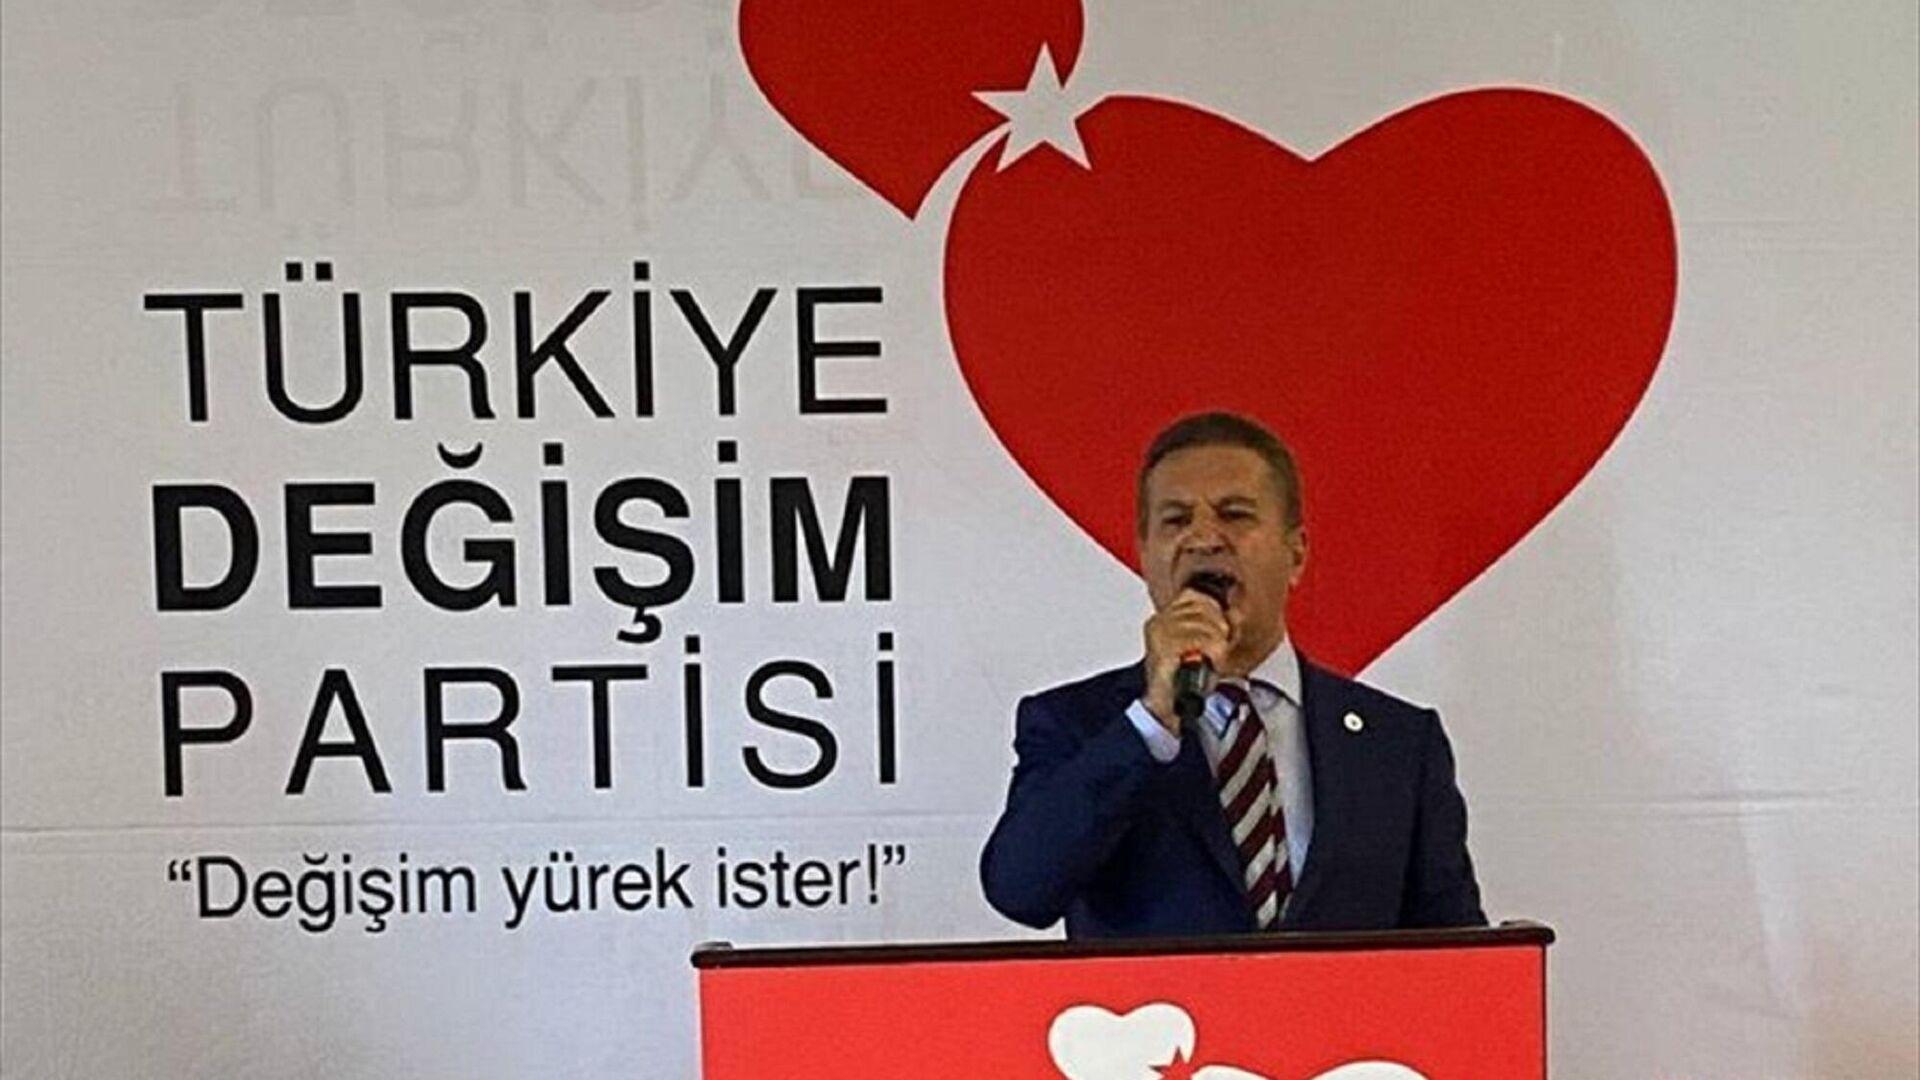 Türkiye Değişim Partisi Genel Başkanı Mustafa Sarıgül - Sputnik Türkiye, 1920, 13.09.2021